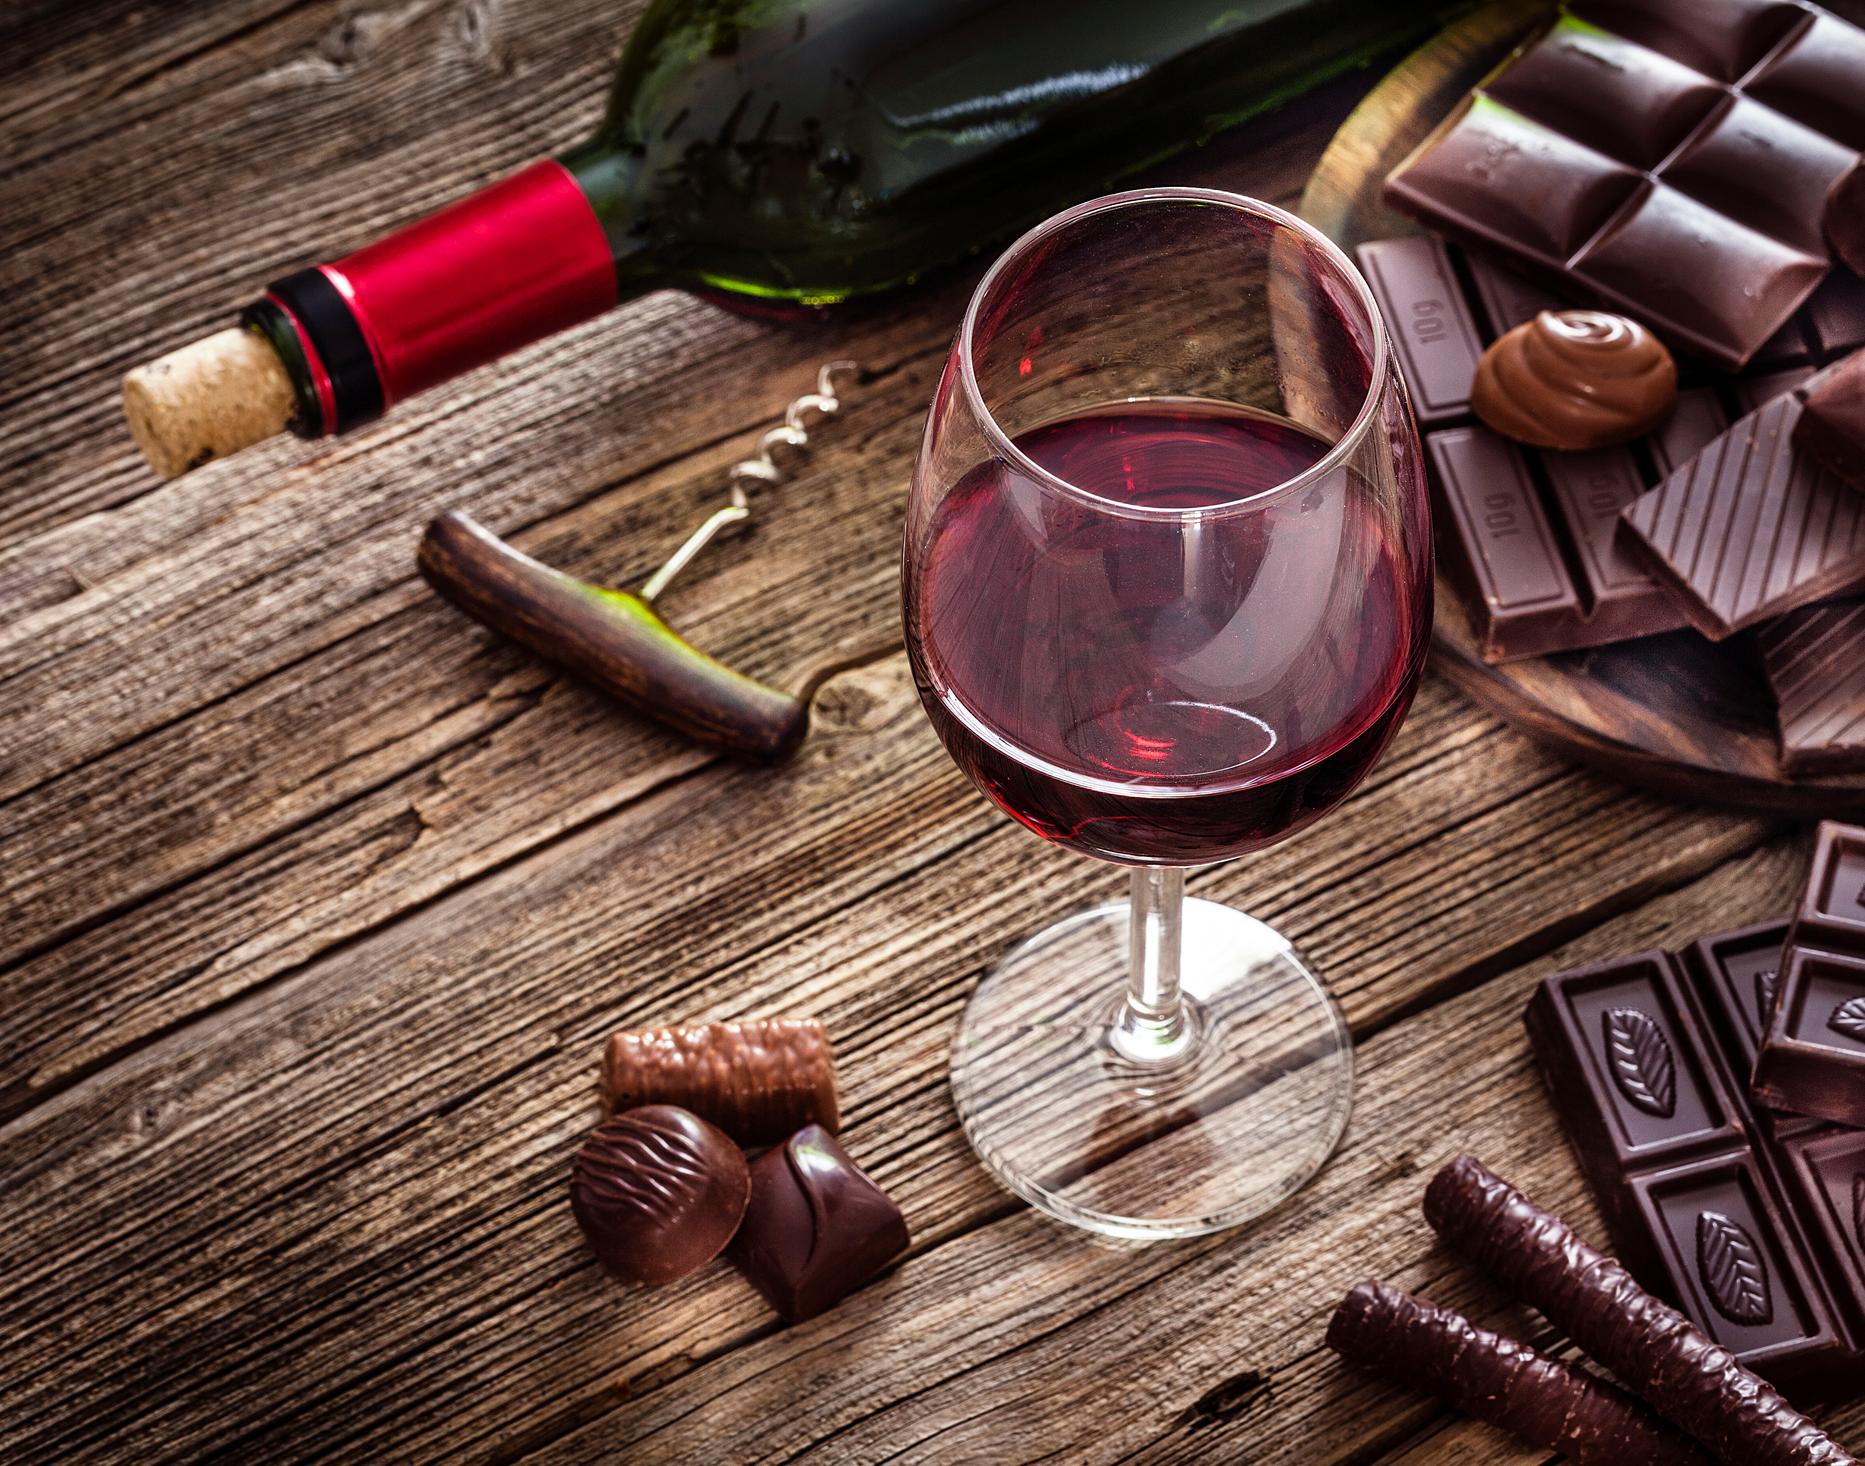 Wein und Schokolade Webinar Wein & Schokoladen Tasting Online Seminar - ca. 2 Stunden